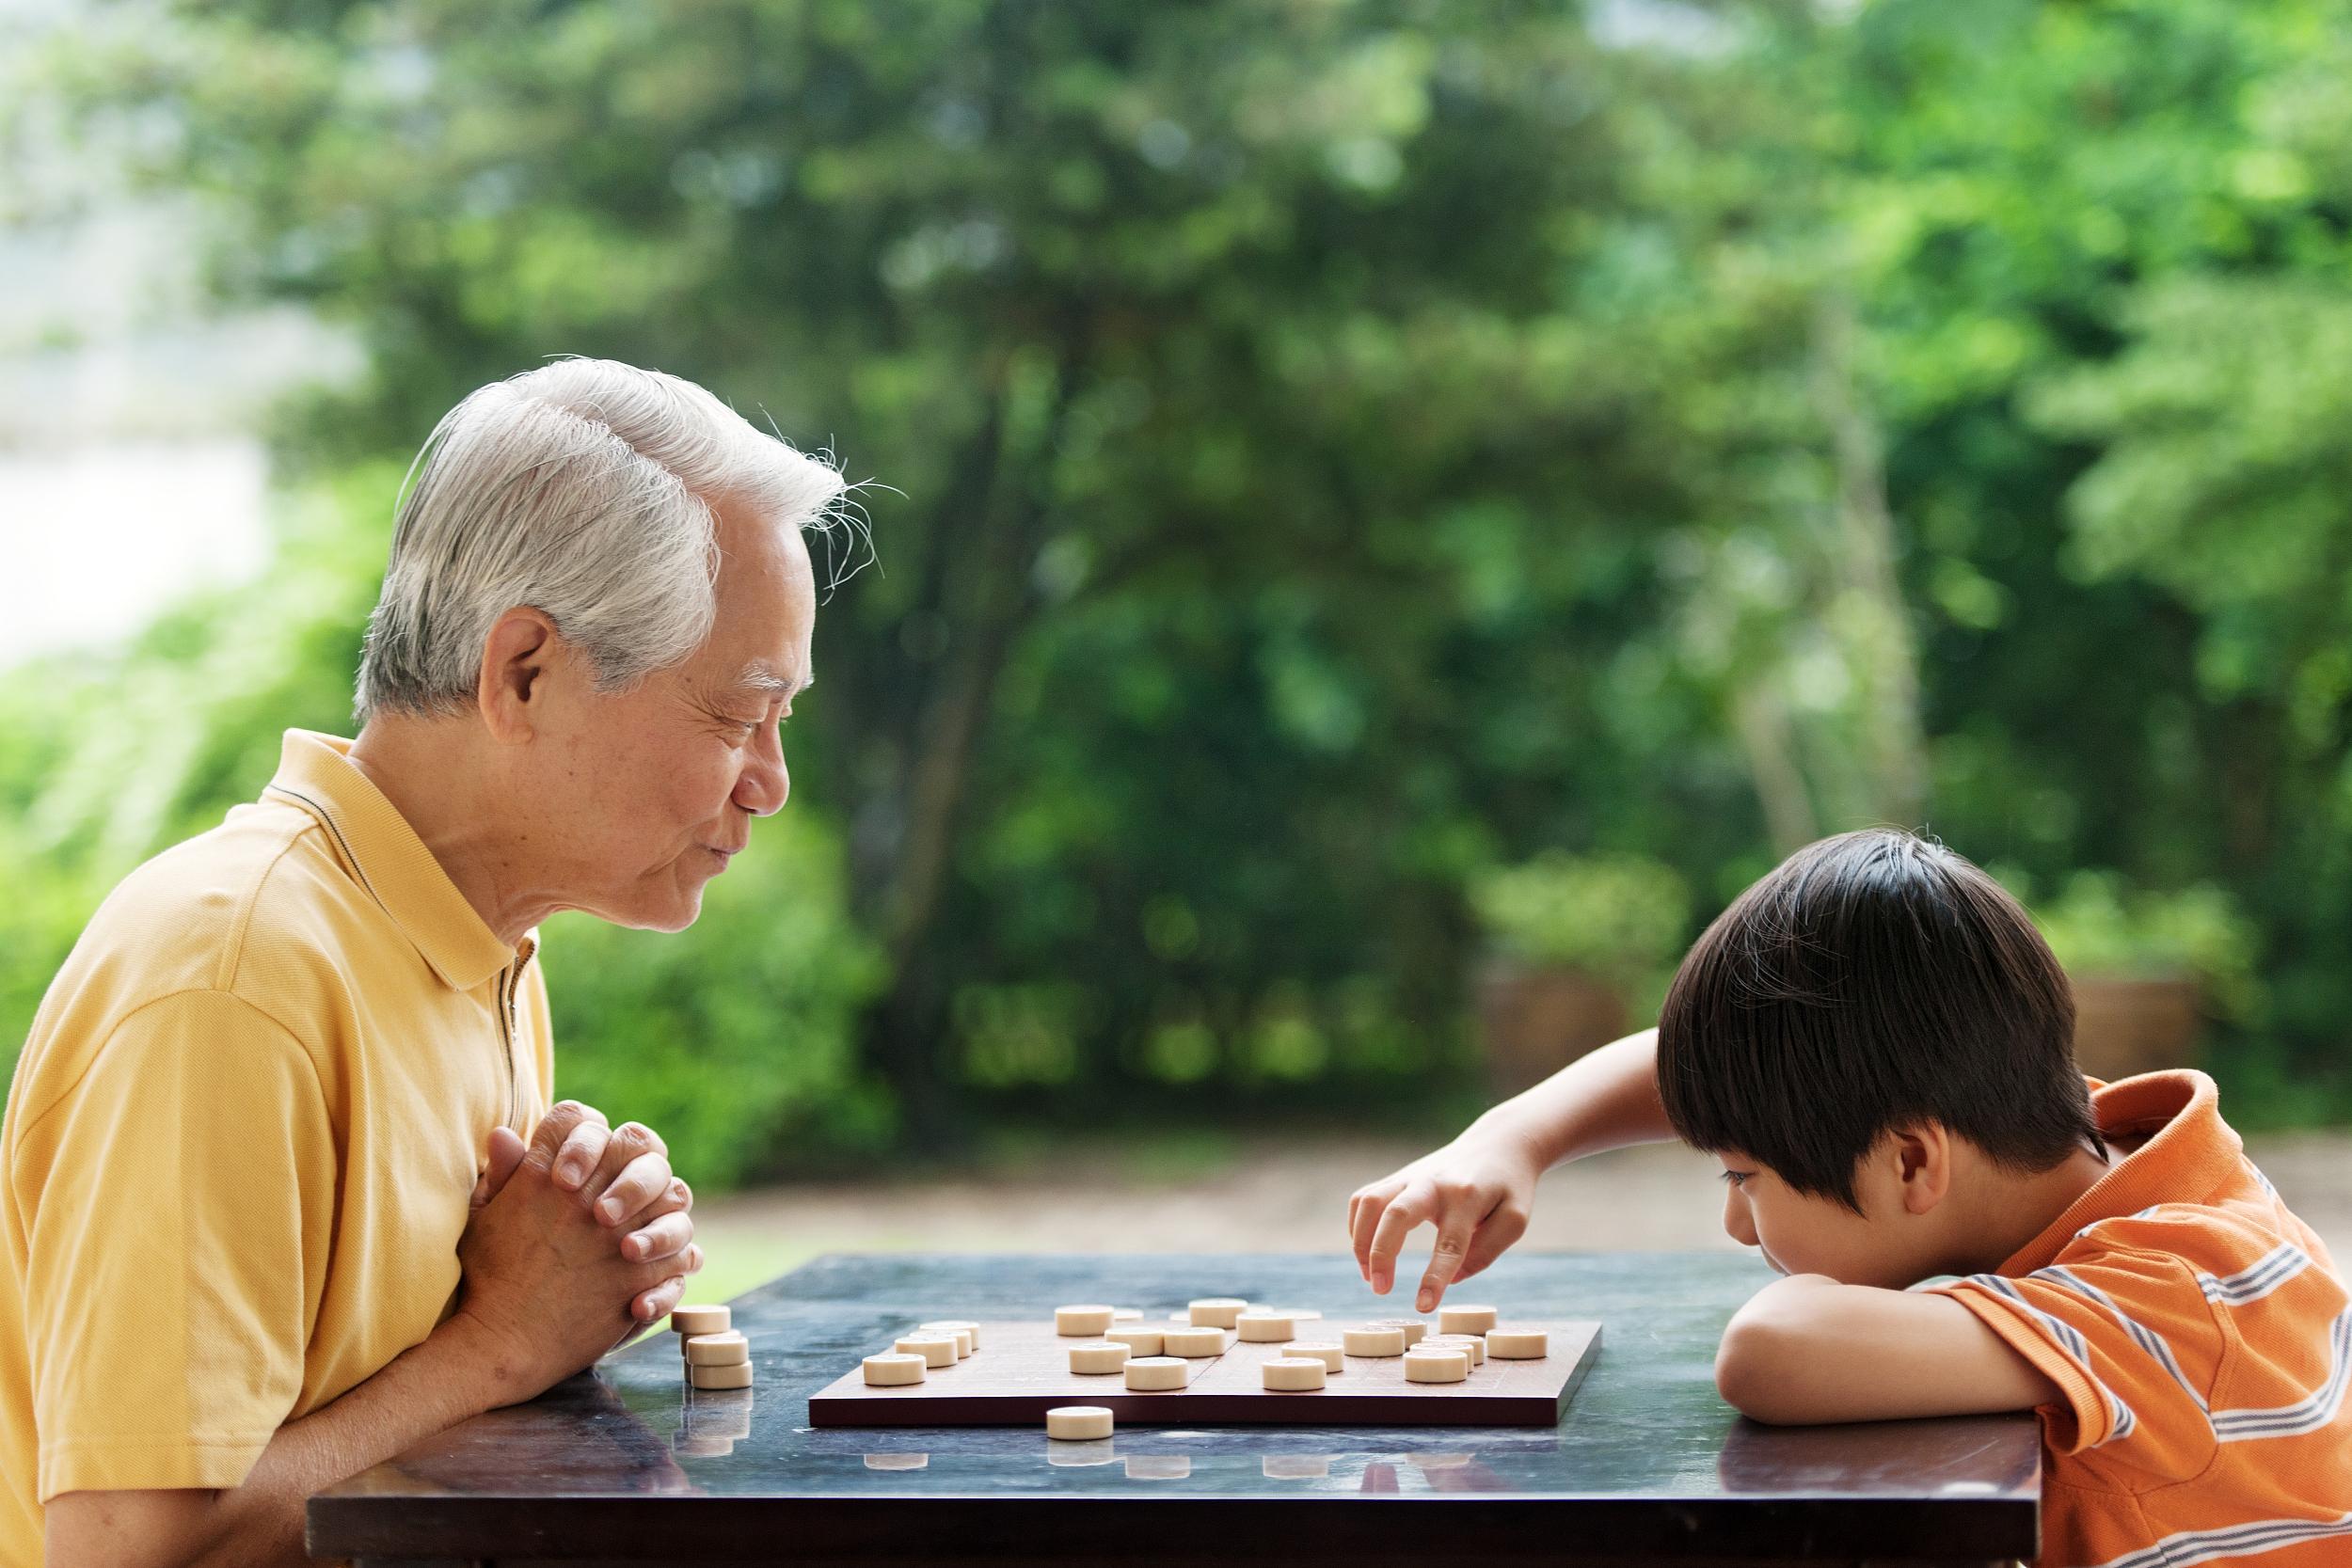 深入棋类在线教育市场,弈小象获南开大学创新基金Pre-A轮融资